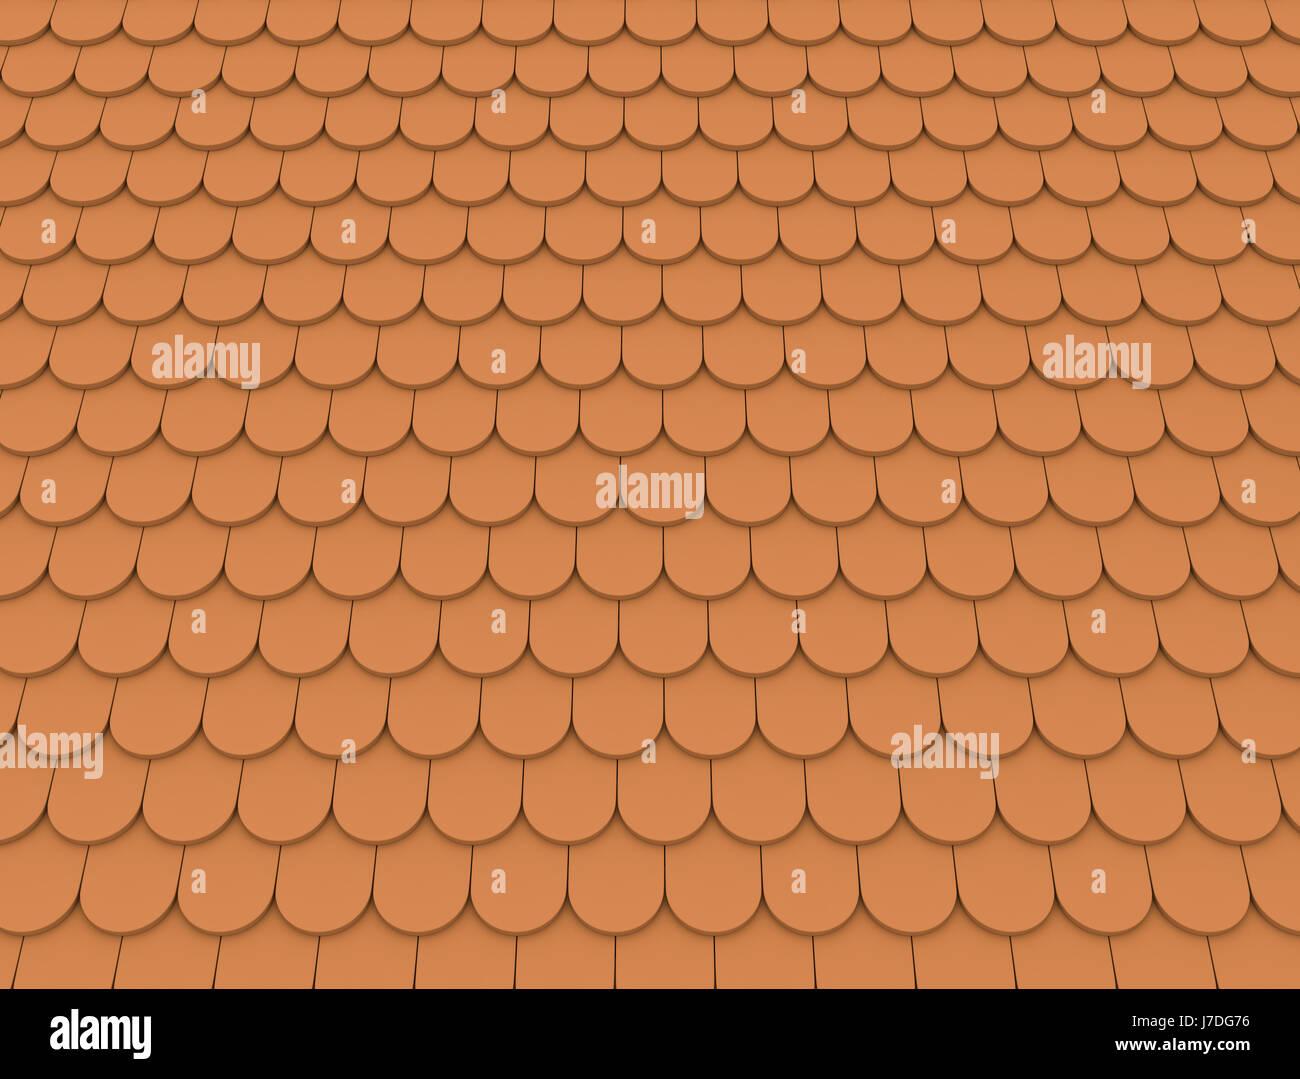 tiles pattern tile tiled tiling backdrop background tiler orange ...